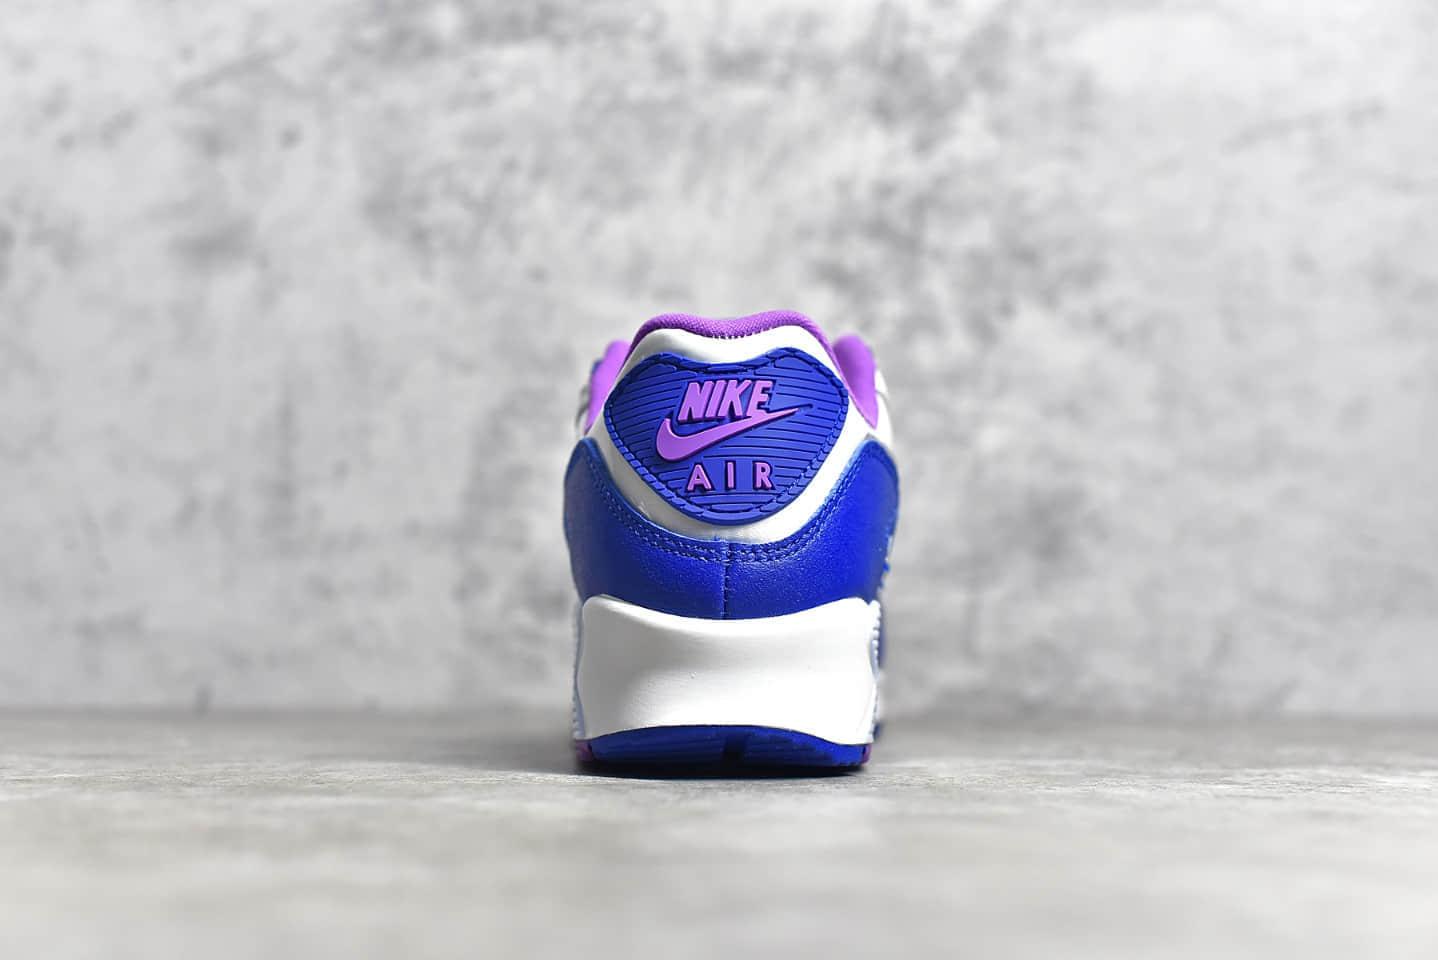 """耐克MAX90彩蛋蓝紫 NIKE Air Max 90 """"Easter"""" 高端耐克气垫鞋经典配色 货号:CT3623-100-潮流者之家"""